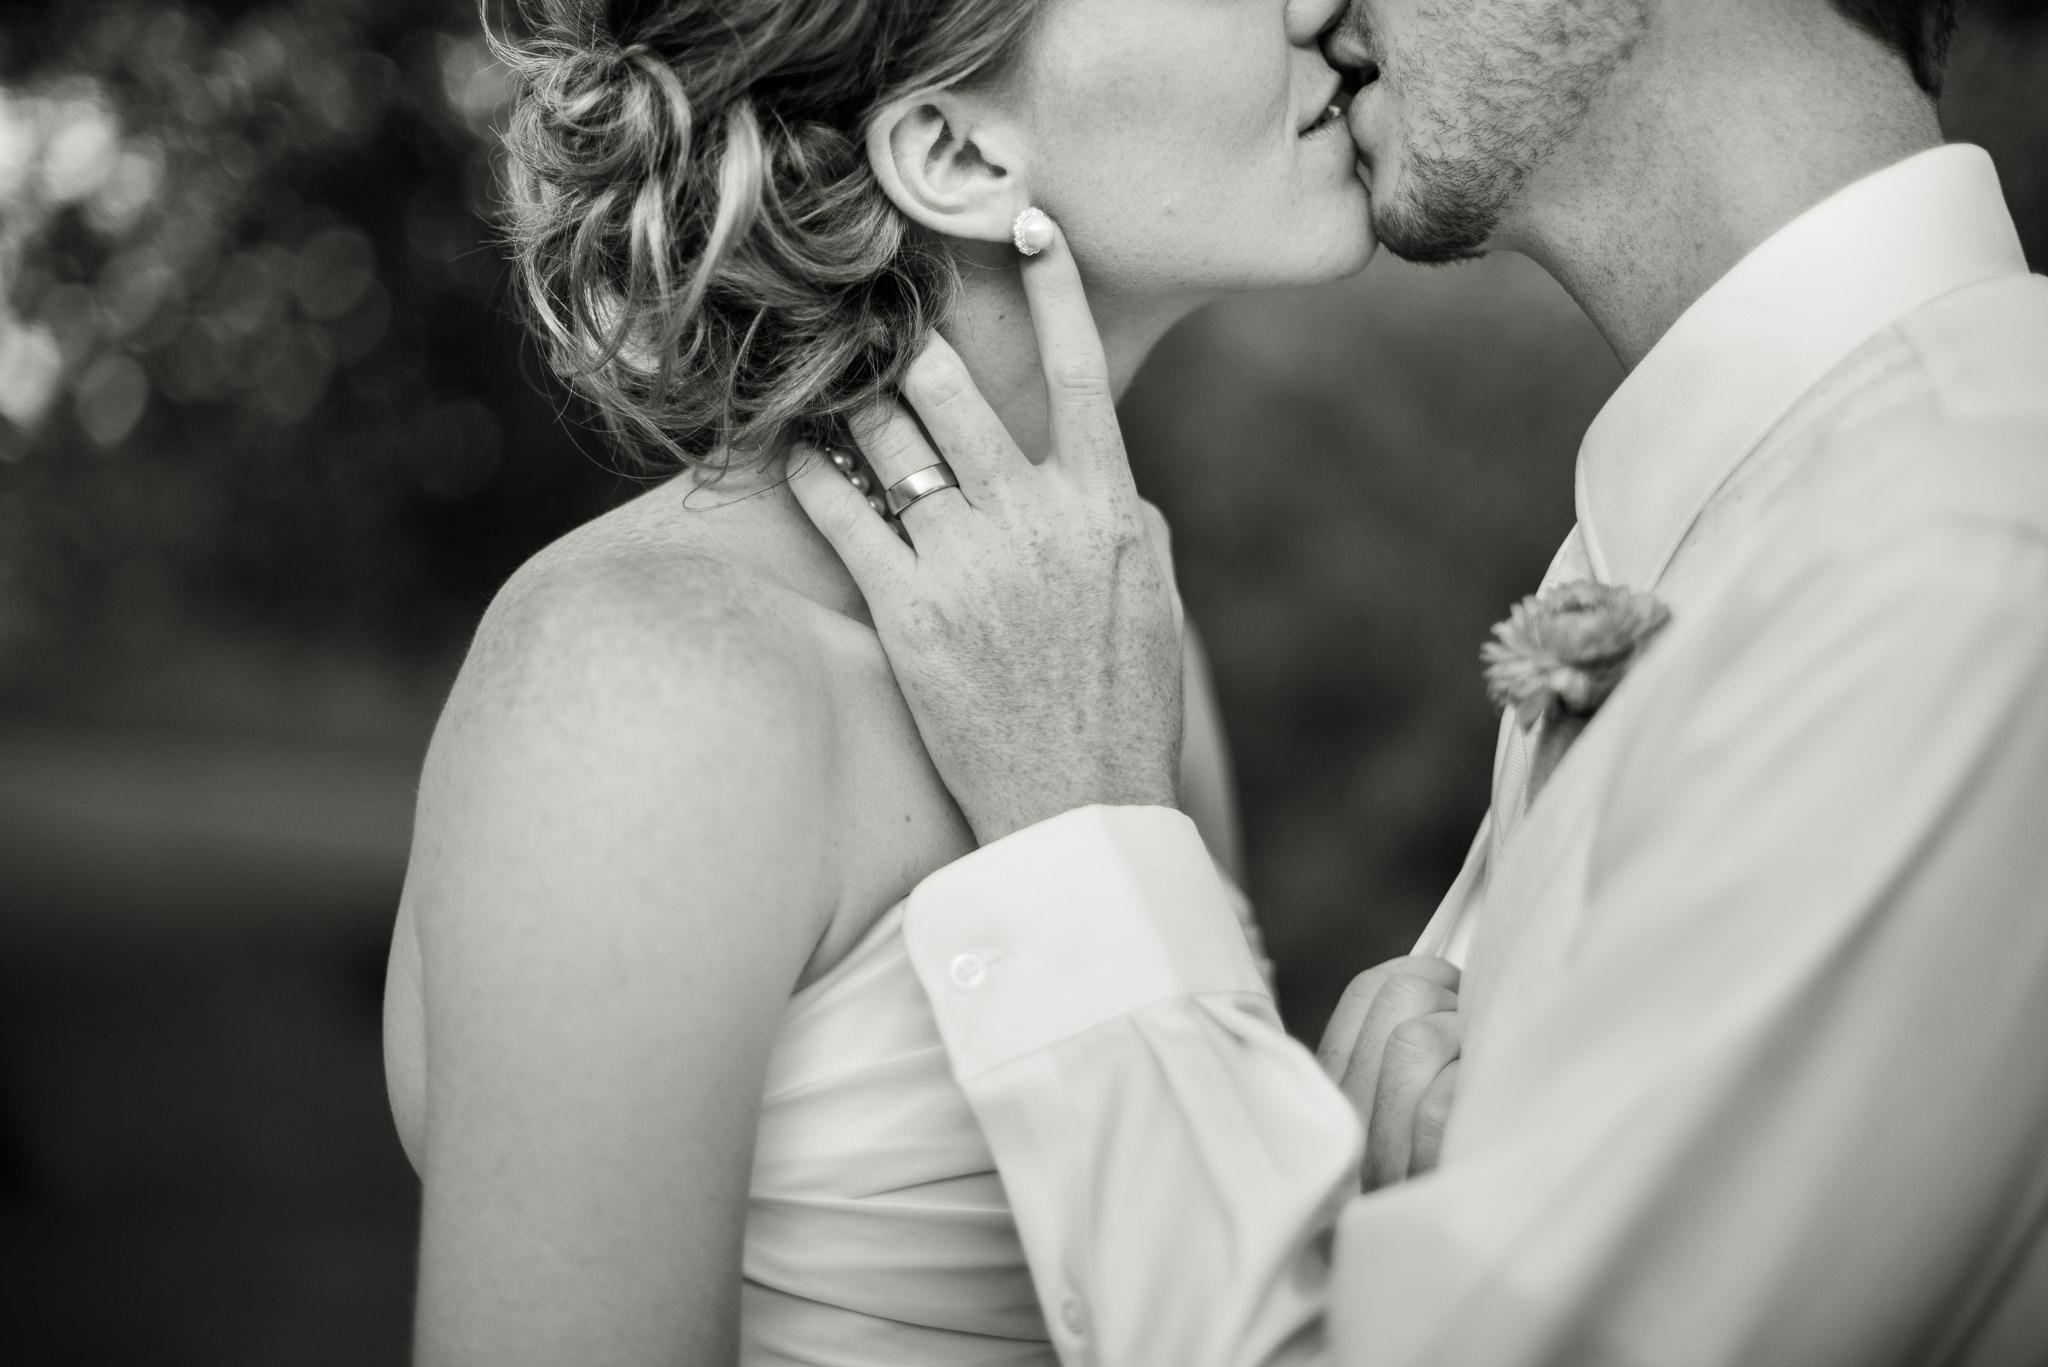 Картинки поцелуя женщины и мужчины